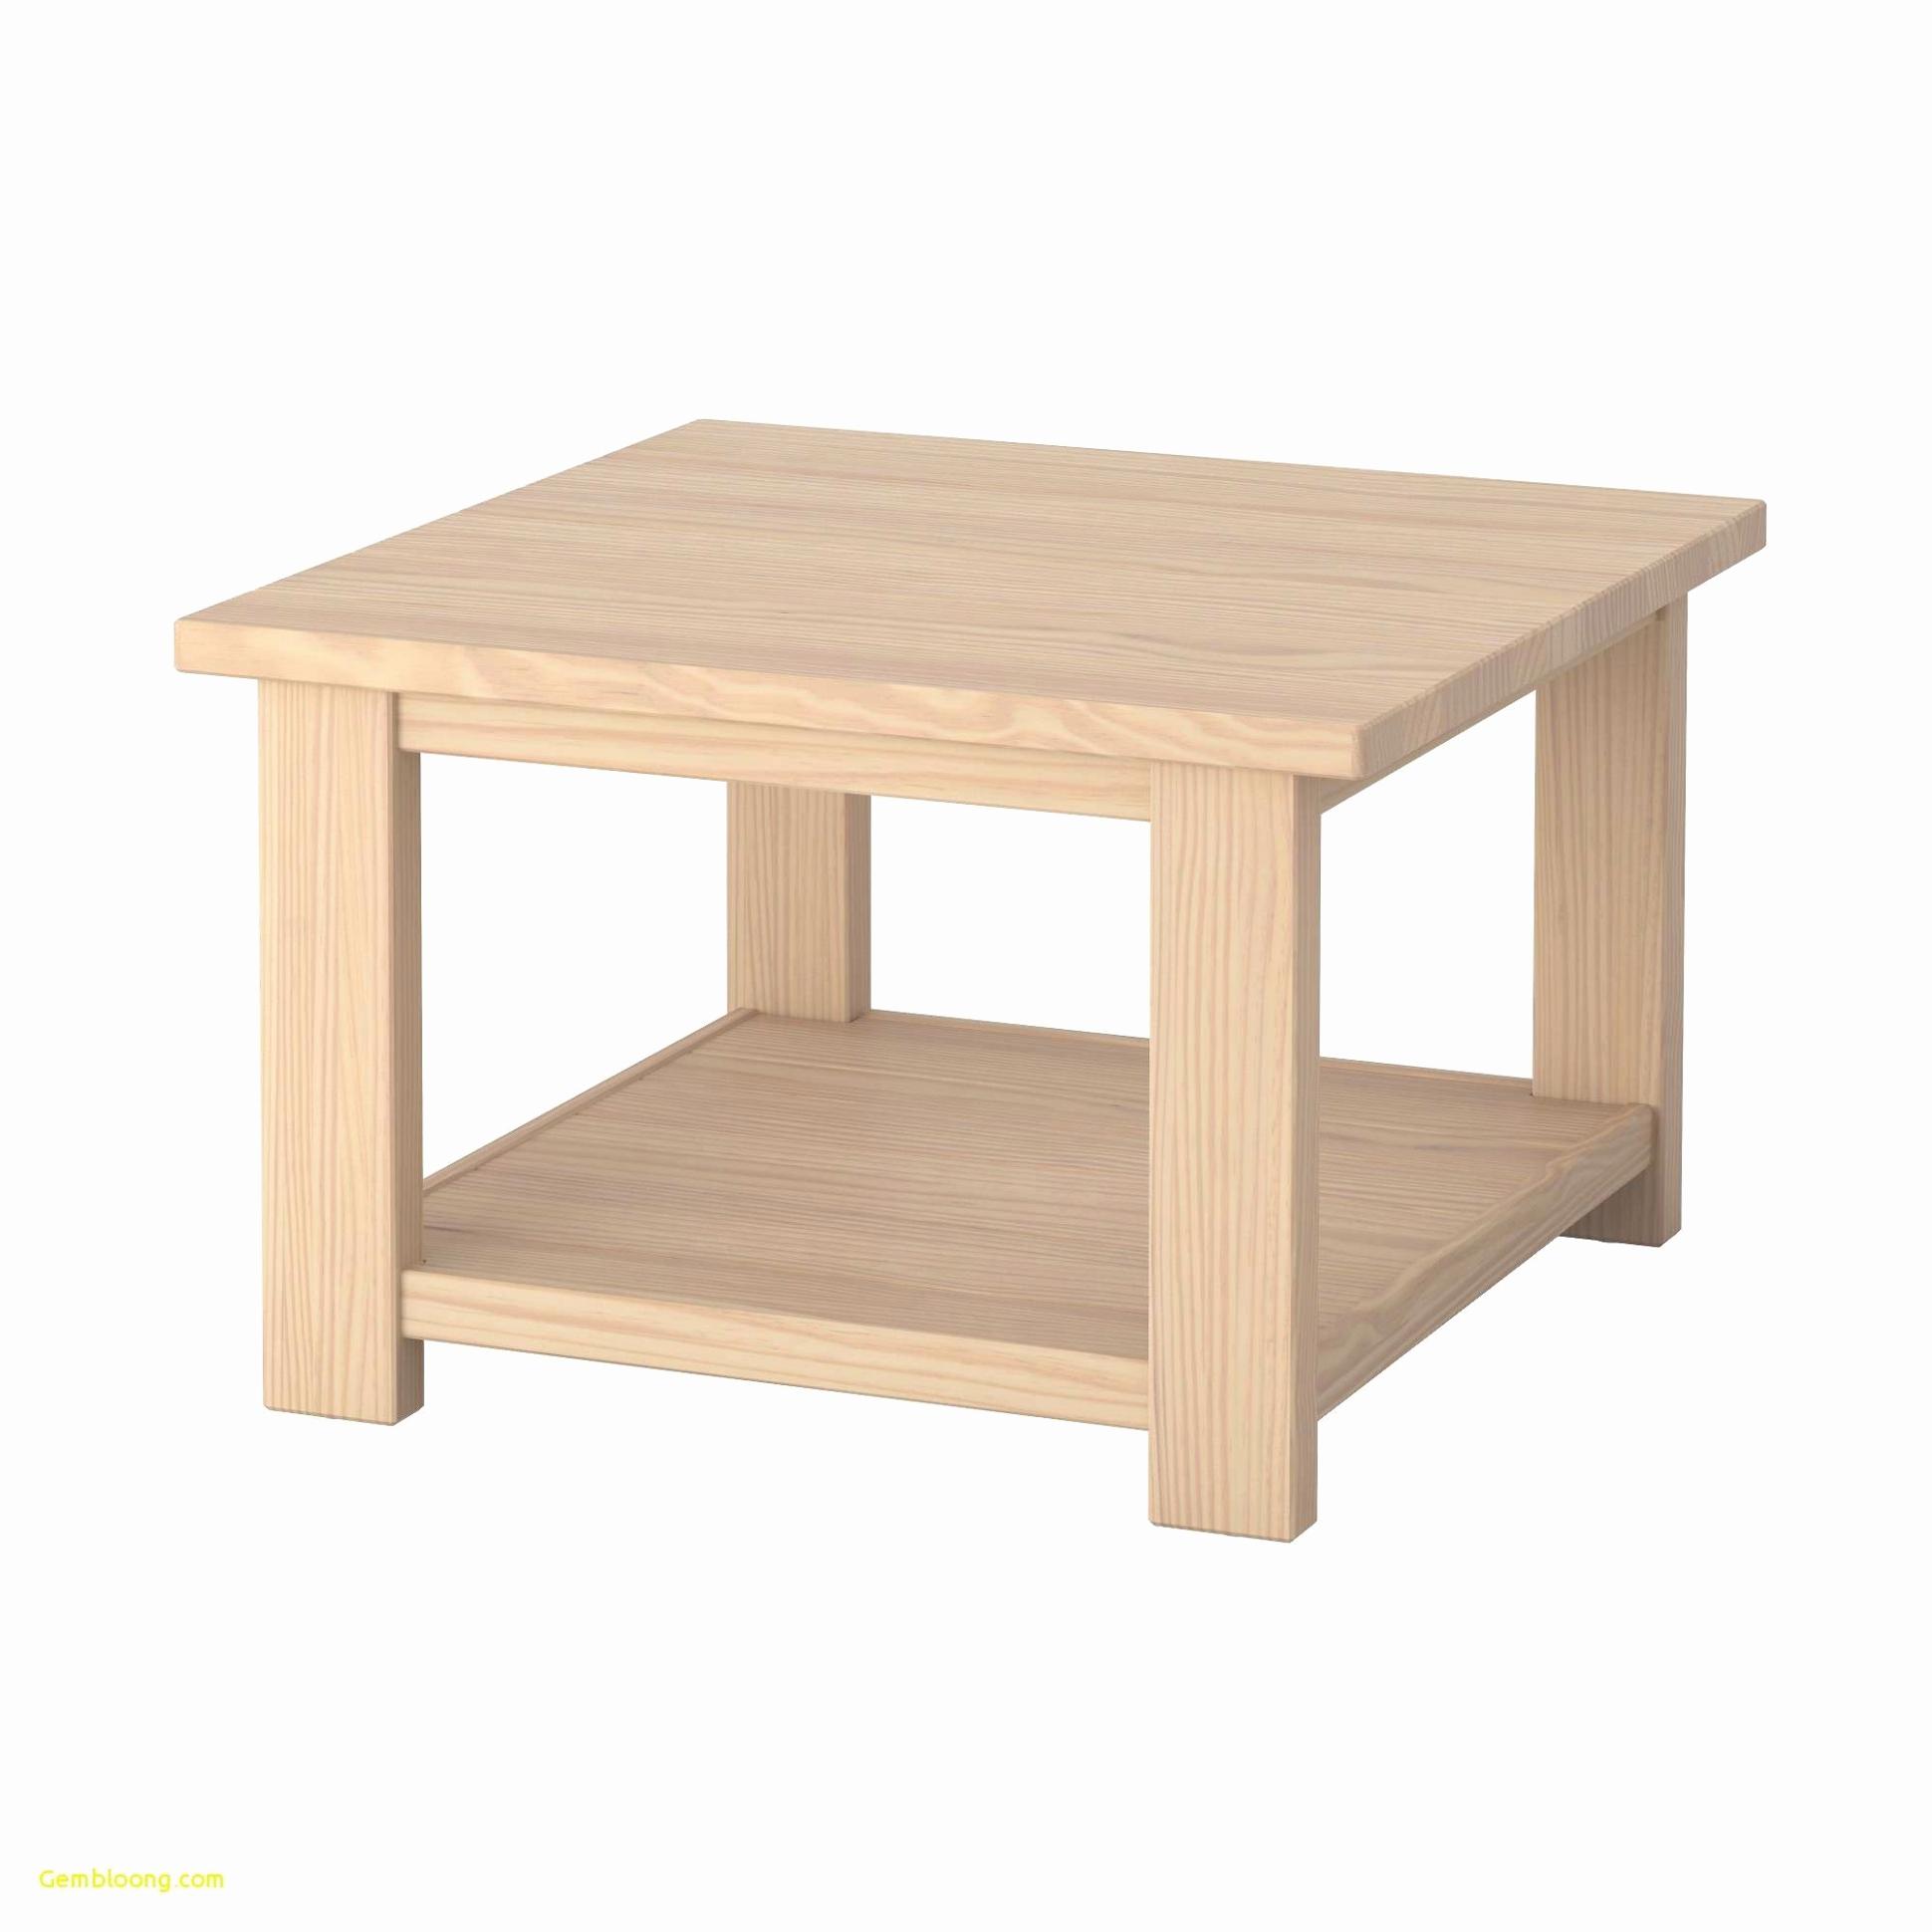 Full Size of Rattan Beistelltisch Ikea Garten Küche Kosten Sofa Mit Schlaffunktion Modulküche Bett Kaufen Betten 160x200 Miniküche Polyrattan Bei Rattanmöbel Wohnzimmer Rattan Beistelltisch Ikea